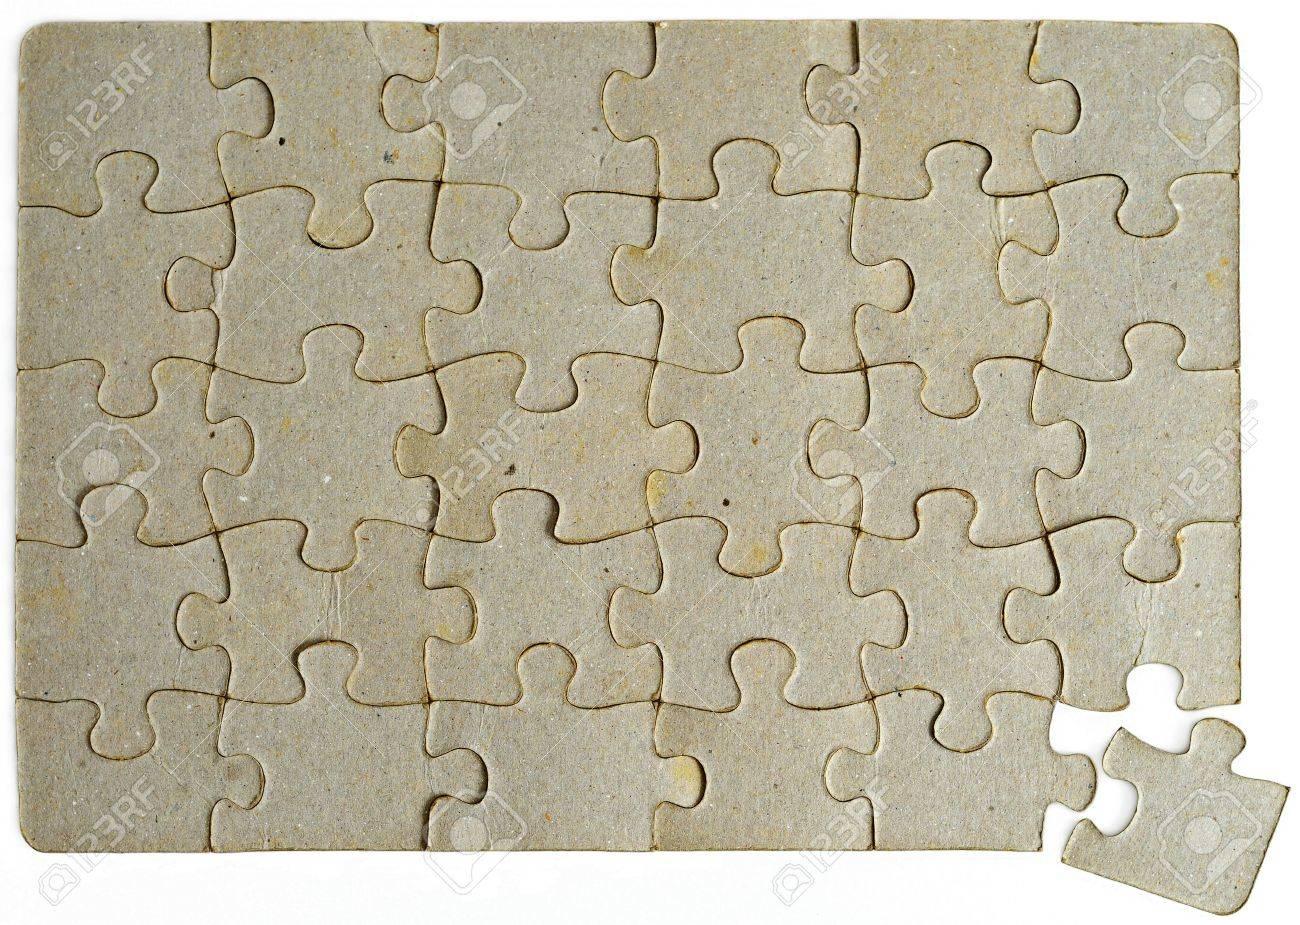 Sehr Detaillierte Hintergrund Puzzle Rahmen - Perfekte Hintergrund ...